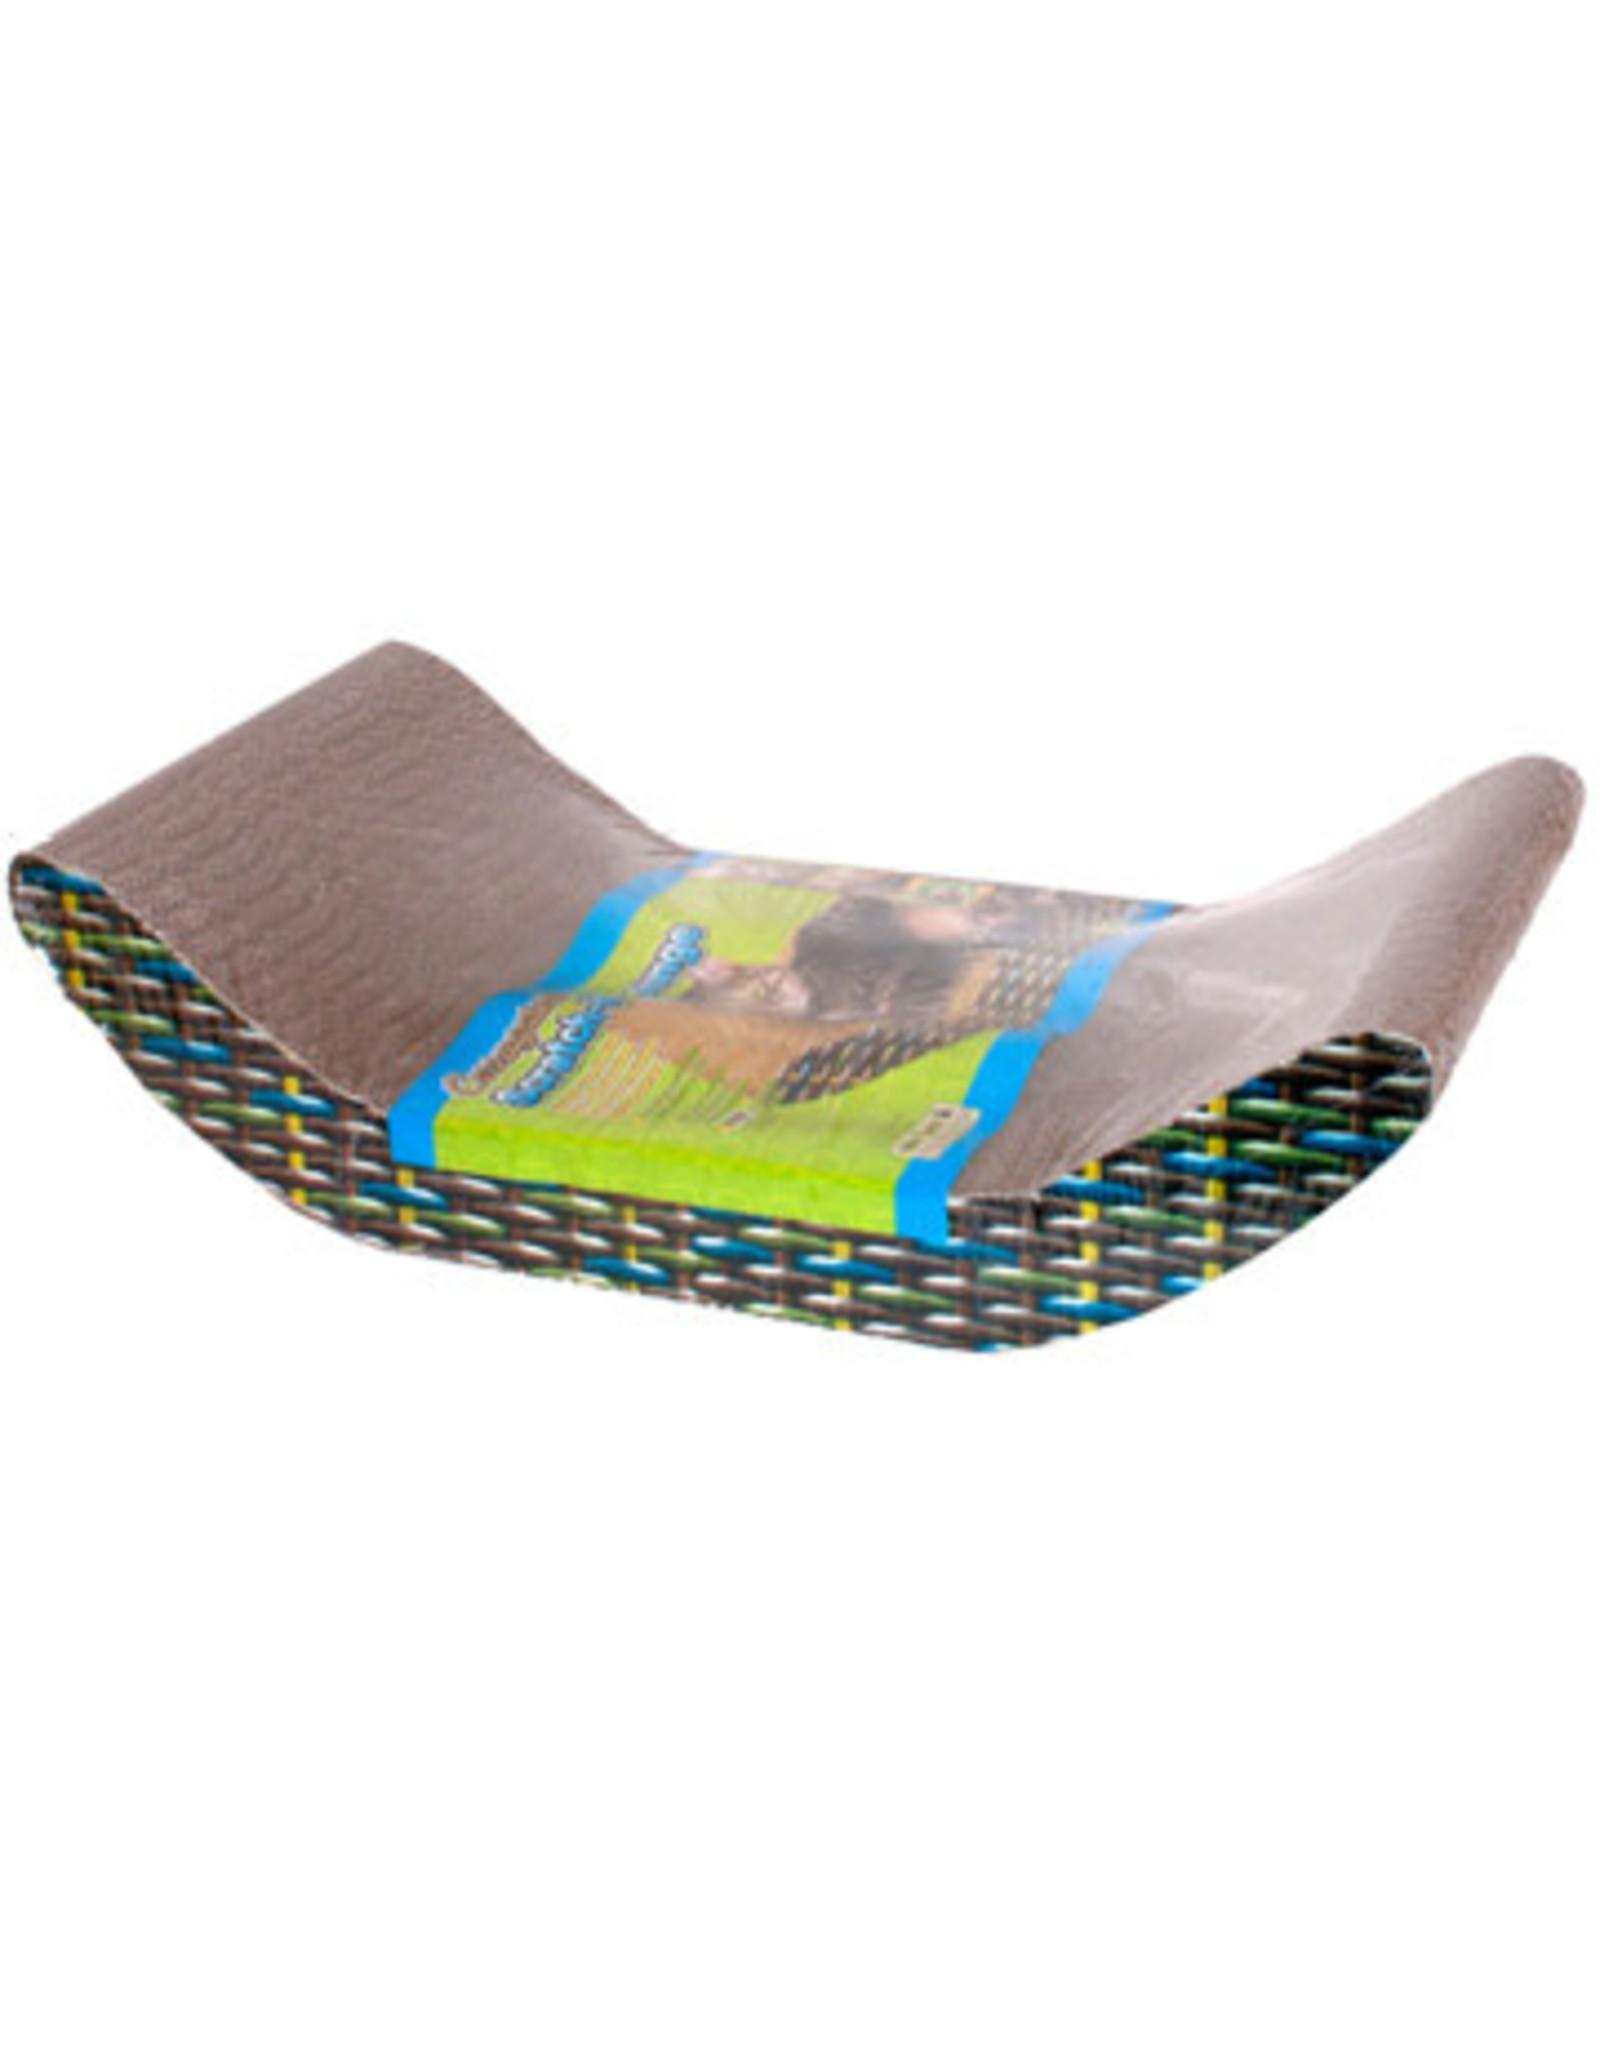 Cat Ware Corrugated Scratch & Lounge